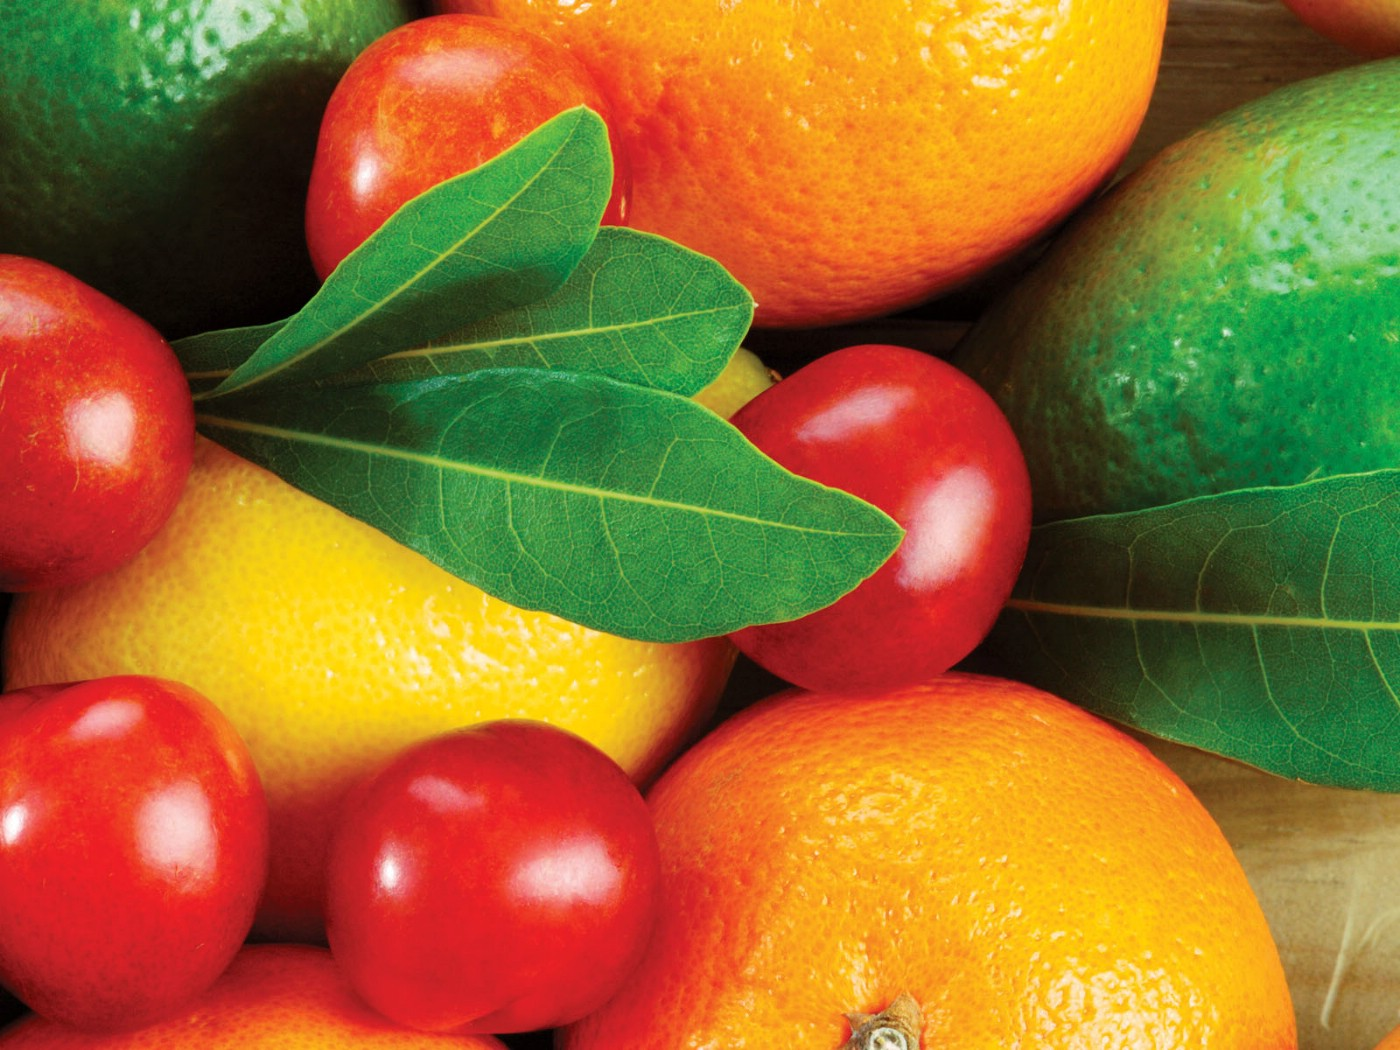 高清水果图片素材_水果素材图片